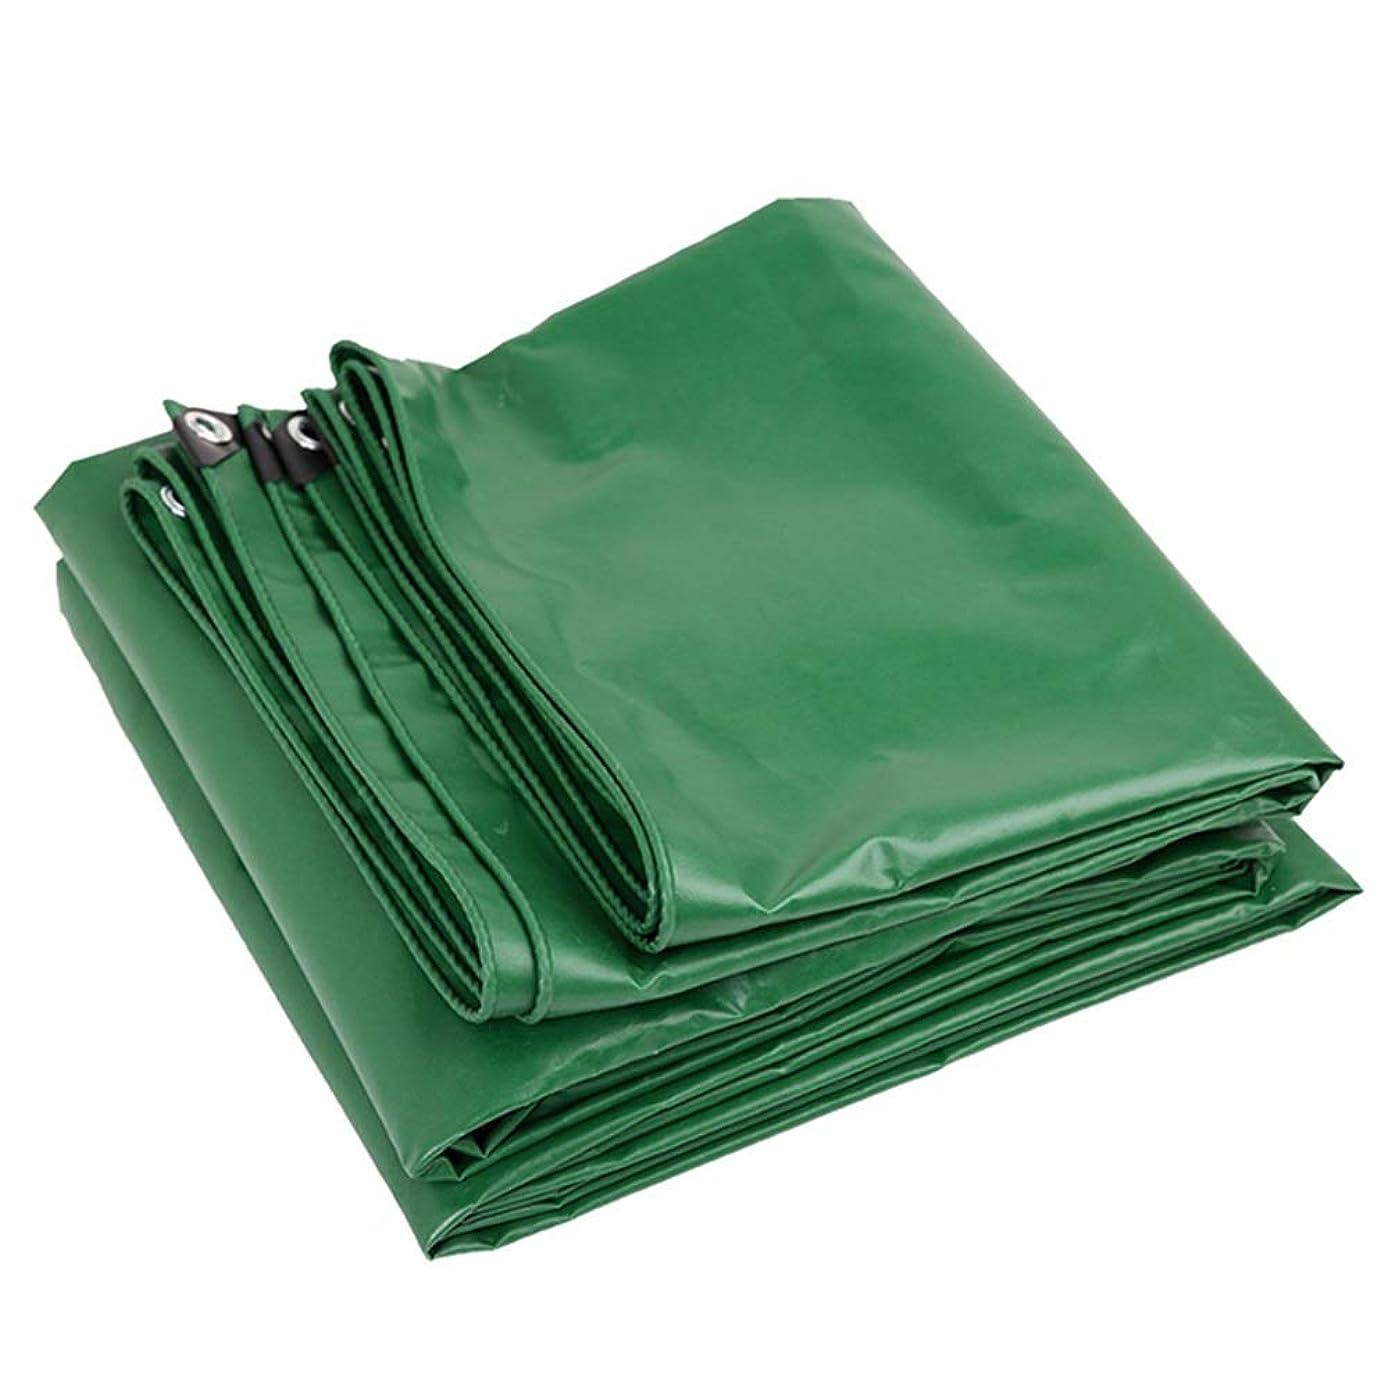 の面では解き明かす投資するLCAIHUA ターポリンタープPVC引き裂き防止ボタンホール庭園屋外の9サイズ (Color : Green, Size : 5X6M)